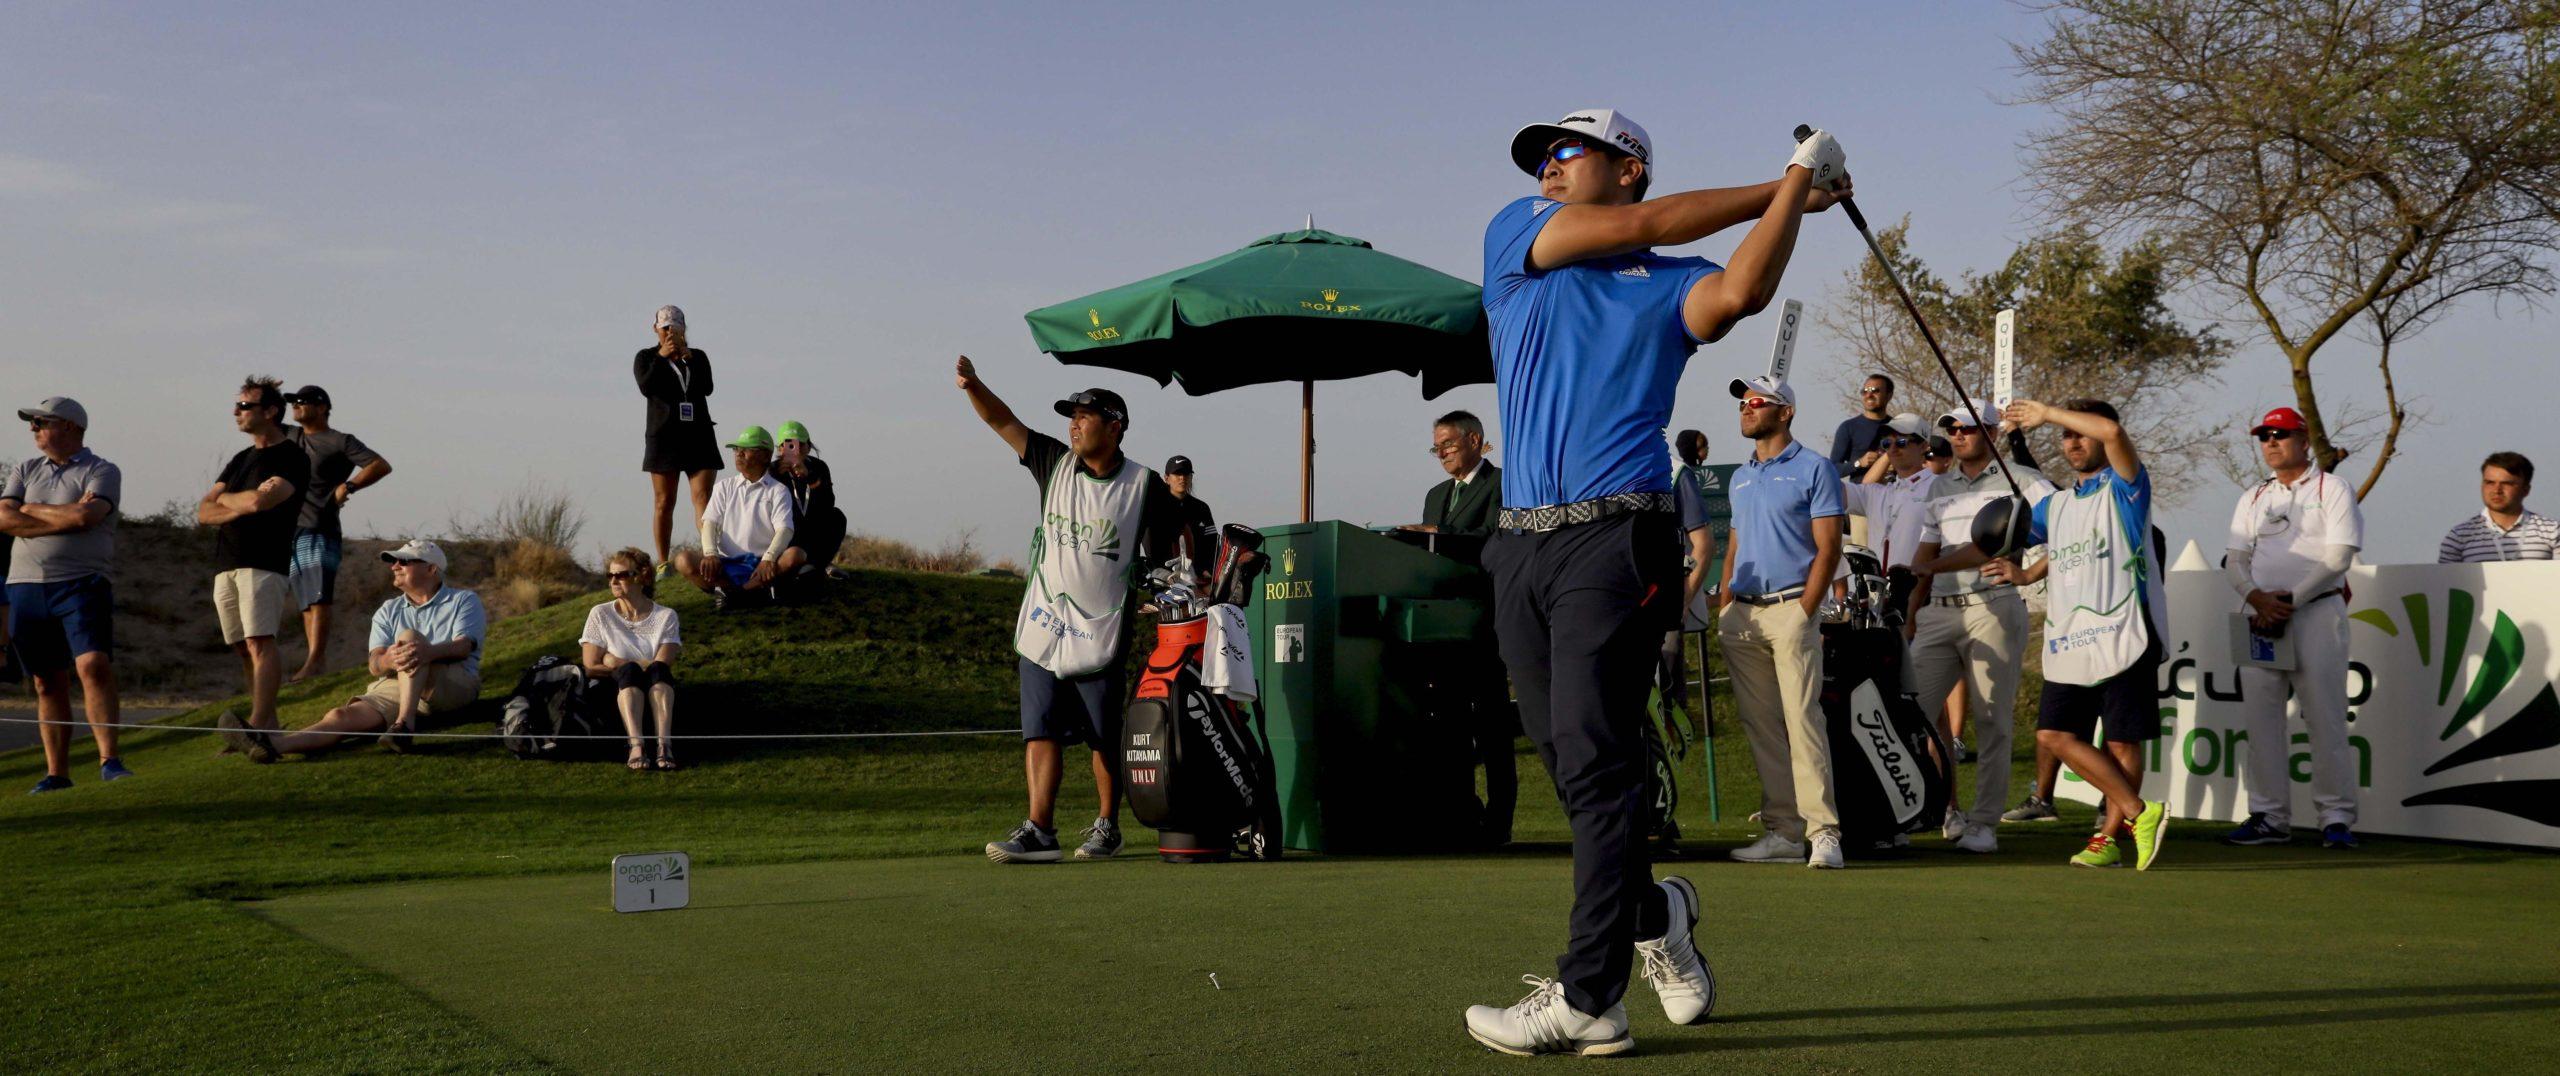 Kurt cropKitayama 2019 Winner Oman Open